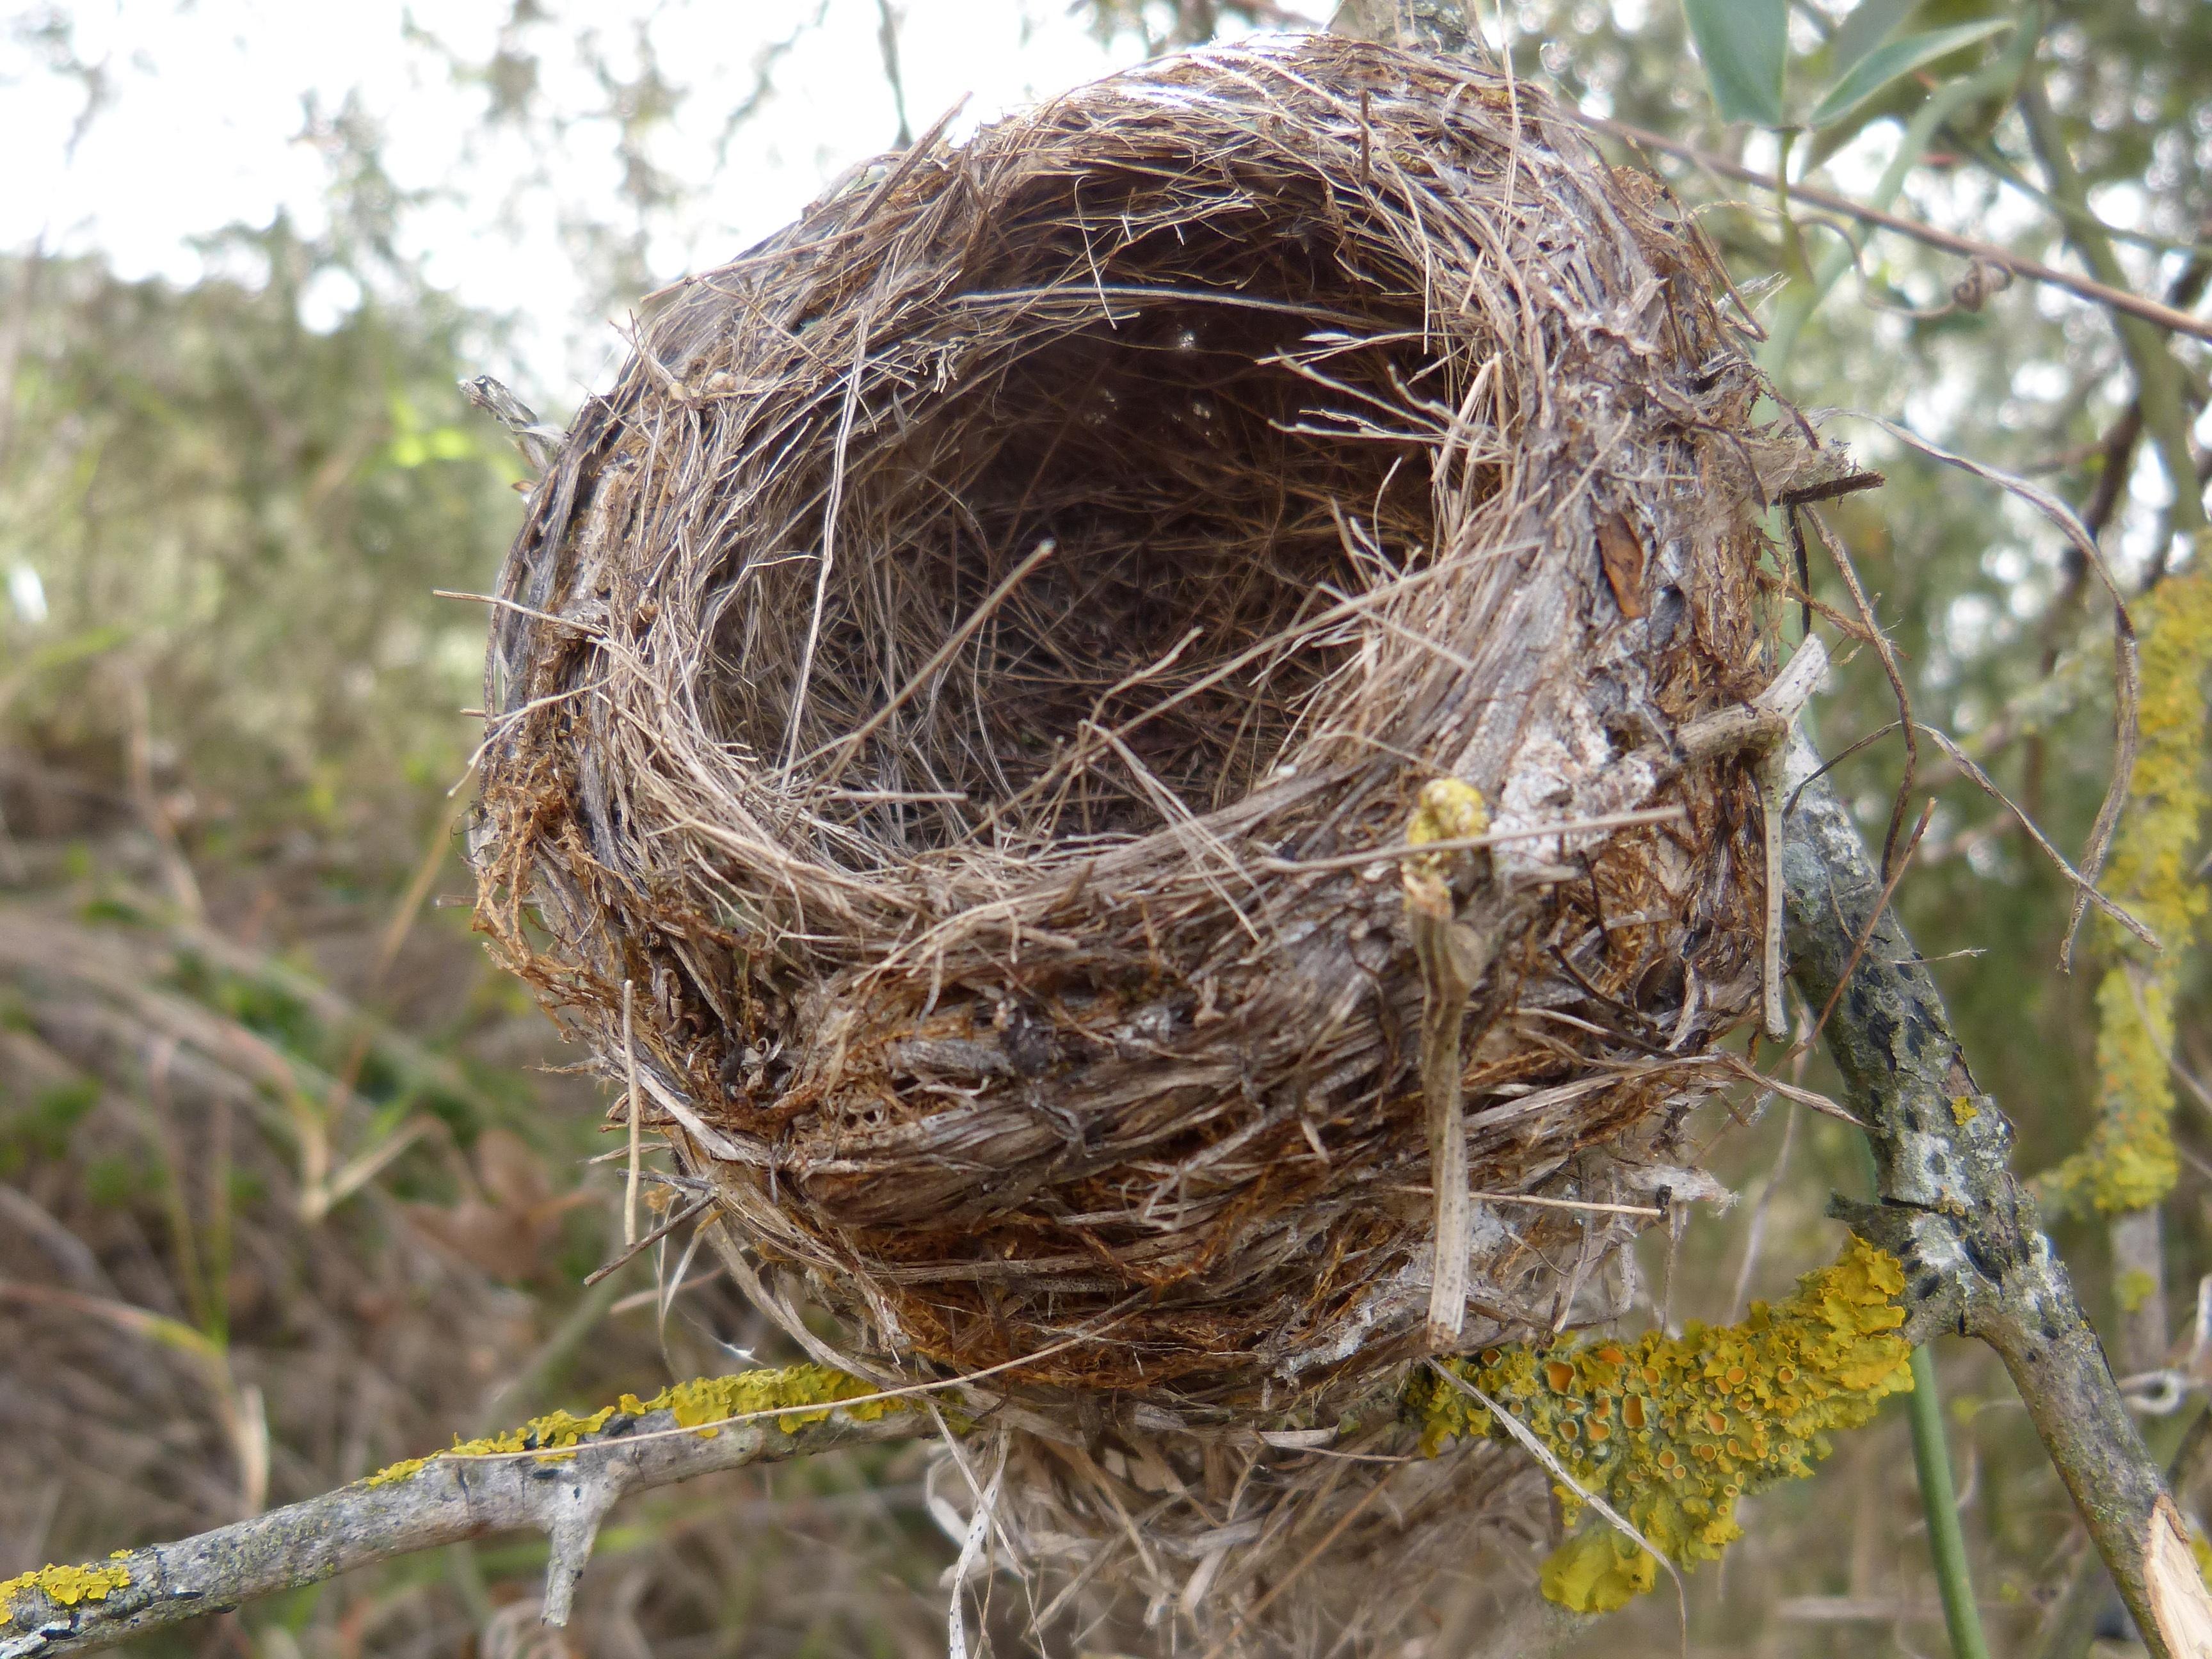 Фото картинки гнезда птиц